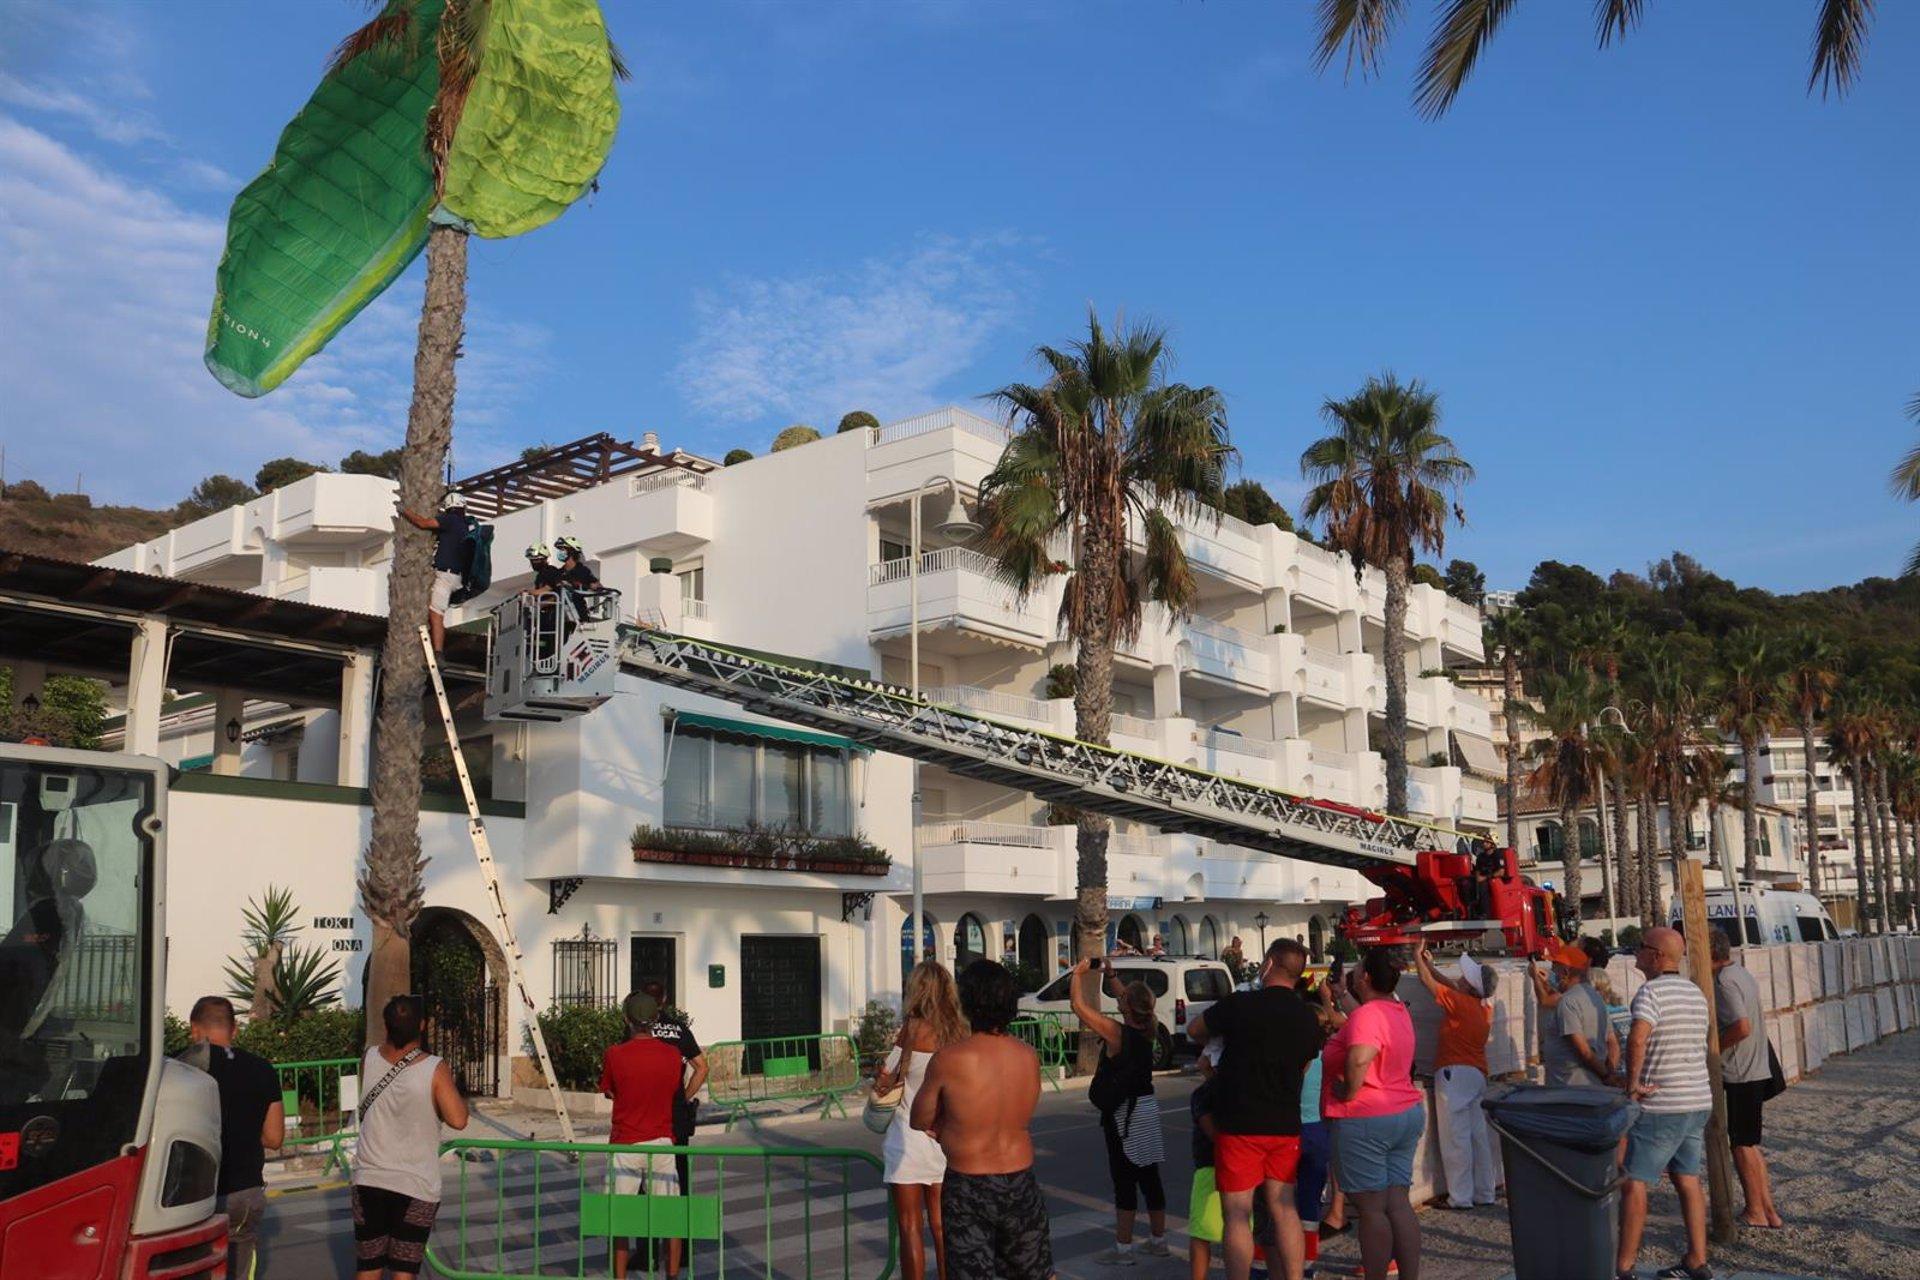 Rescatado un parapentista que se había estrellado contra una palmera en La Herradura